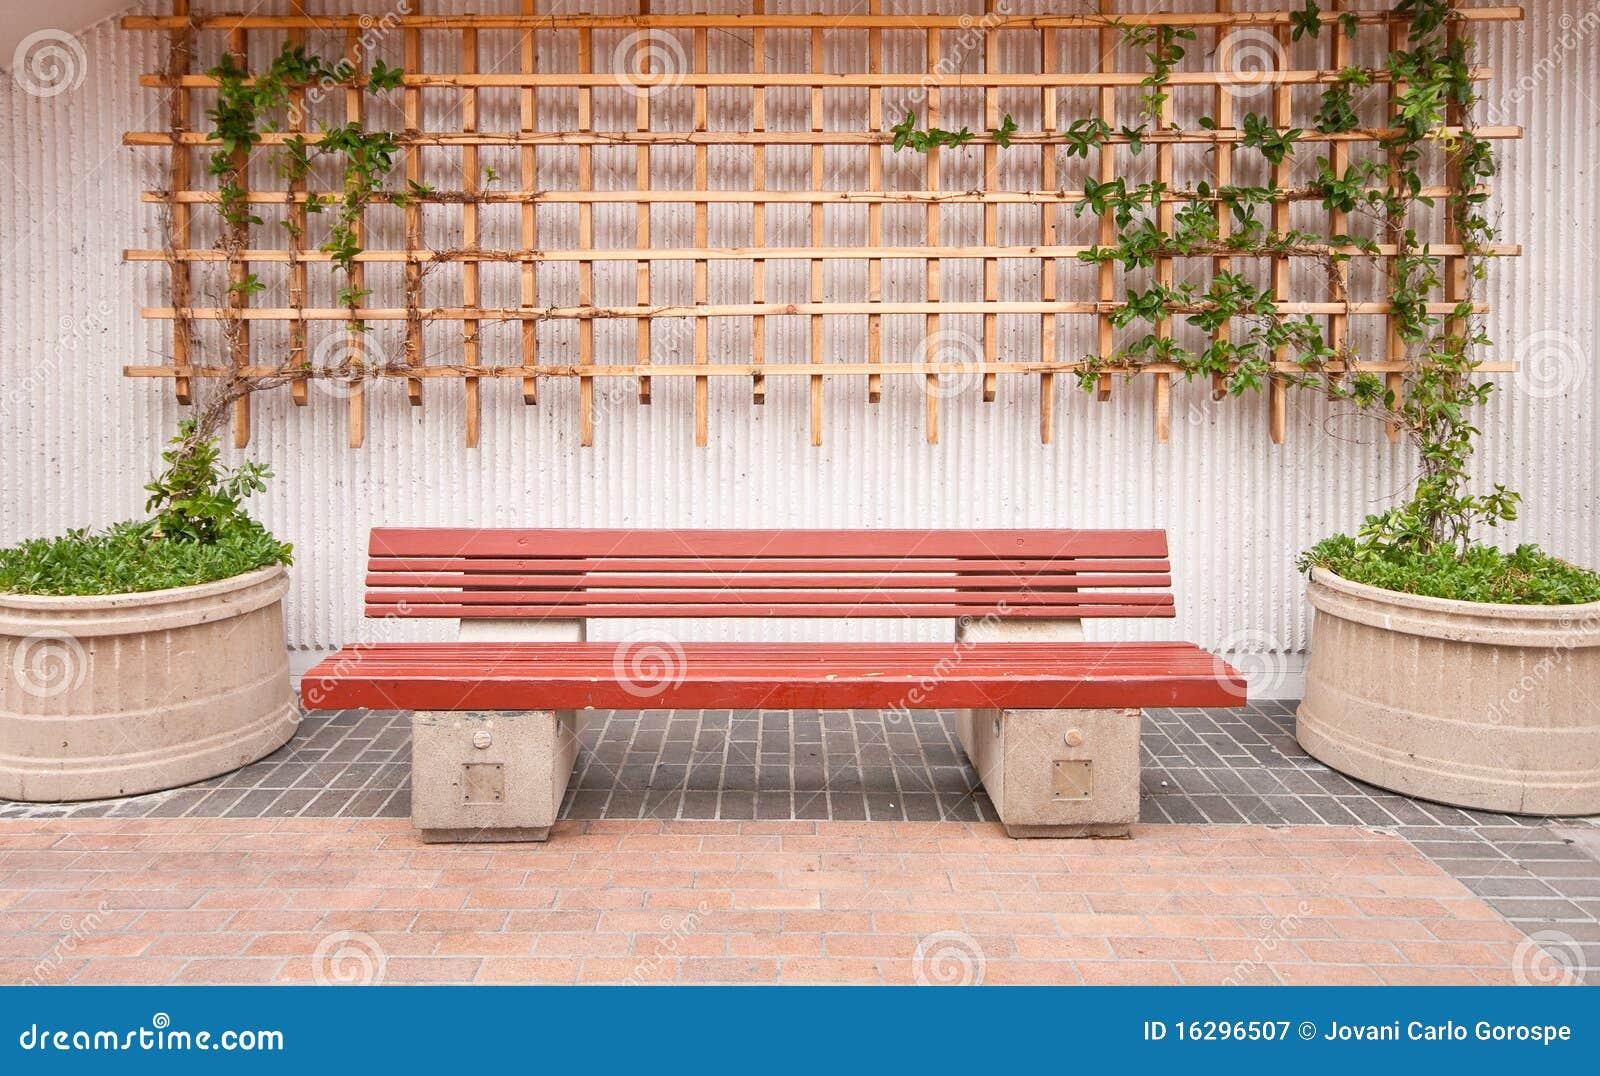 Banco de madeira com decora o exterior fotografia de - Bancos para exterior ...